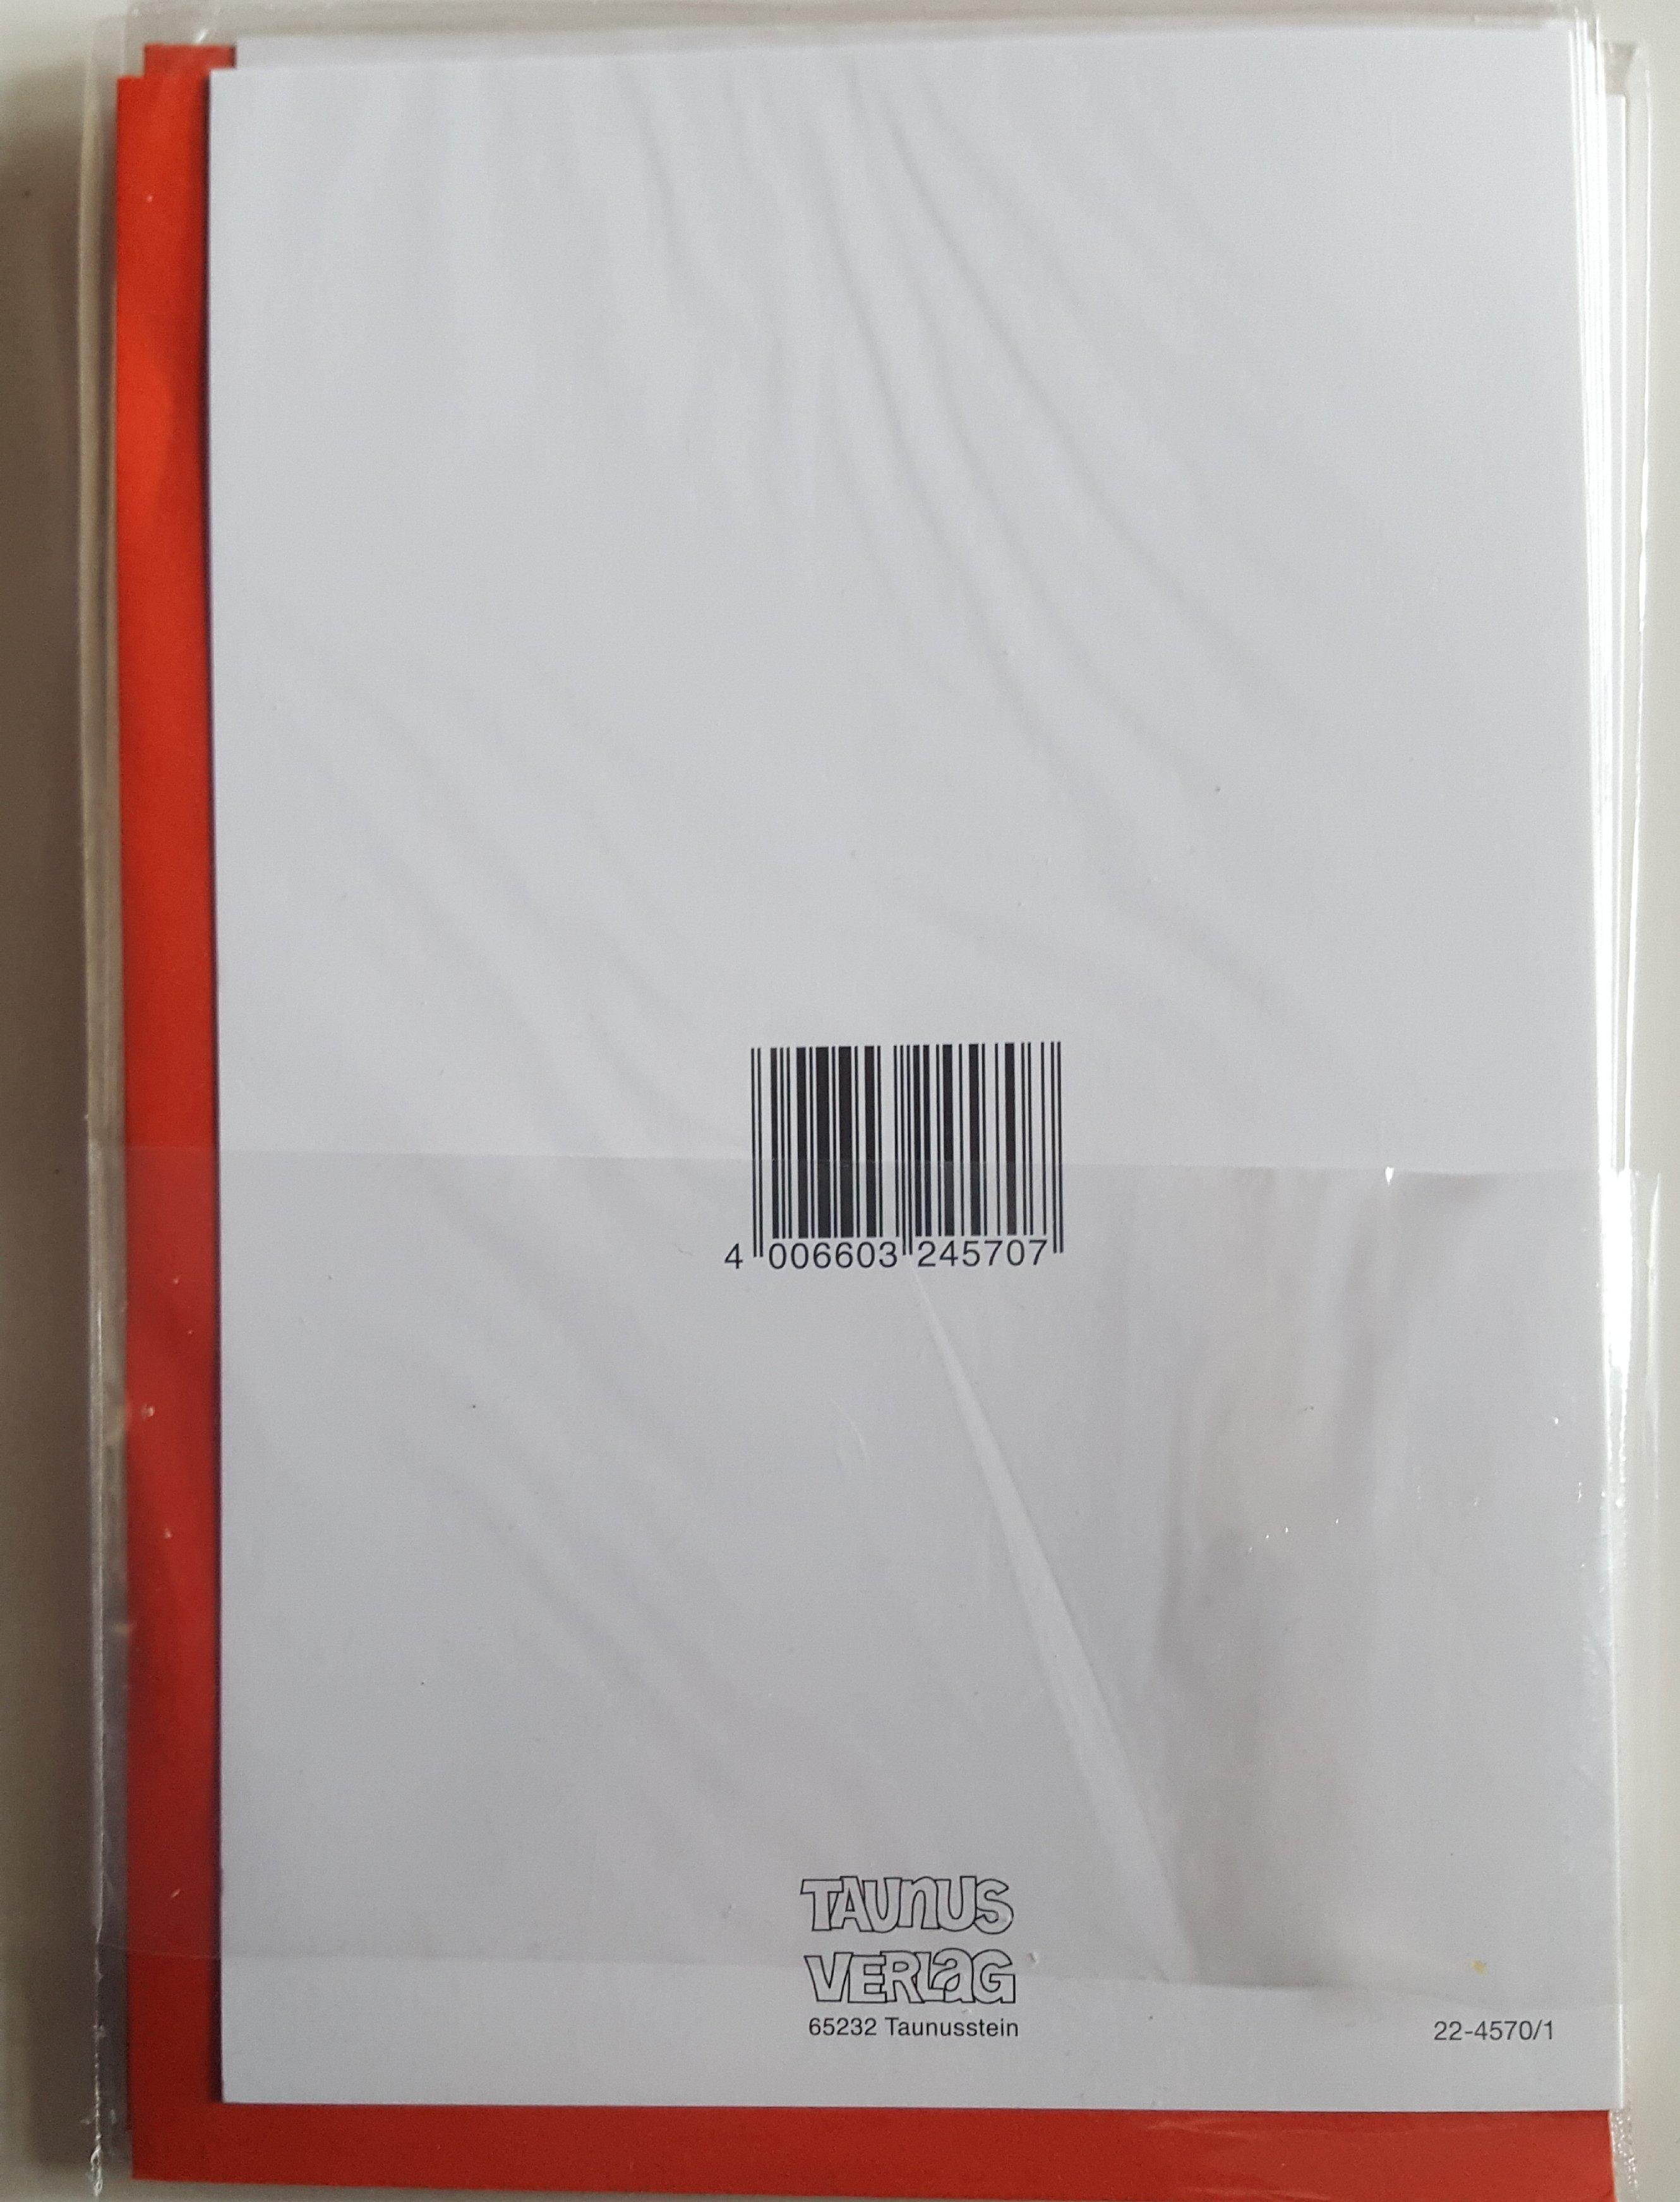 Weihnachts Grußkarte mit rotem Umschlag Taunus Verlag